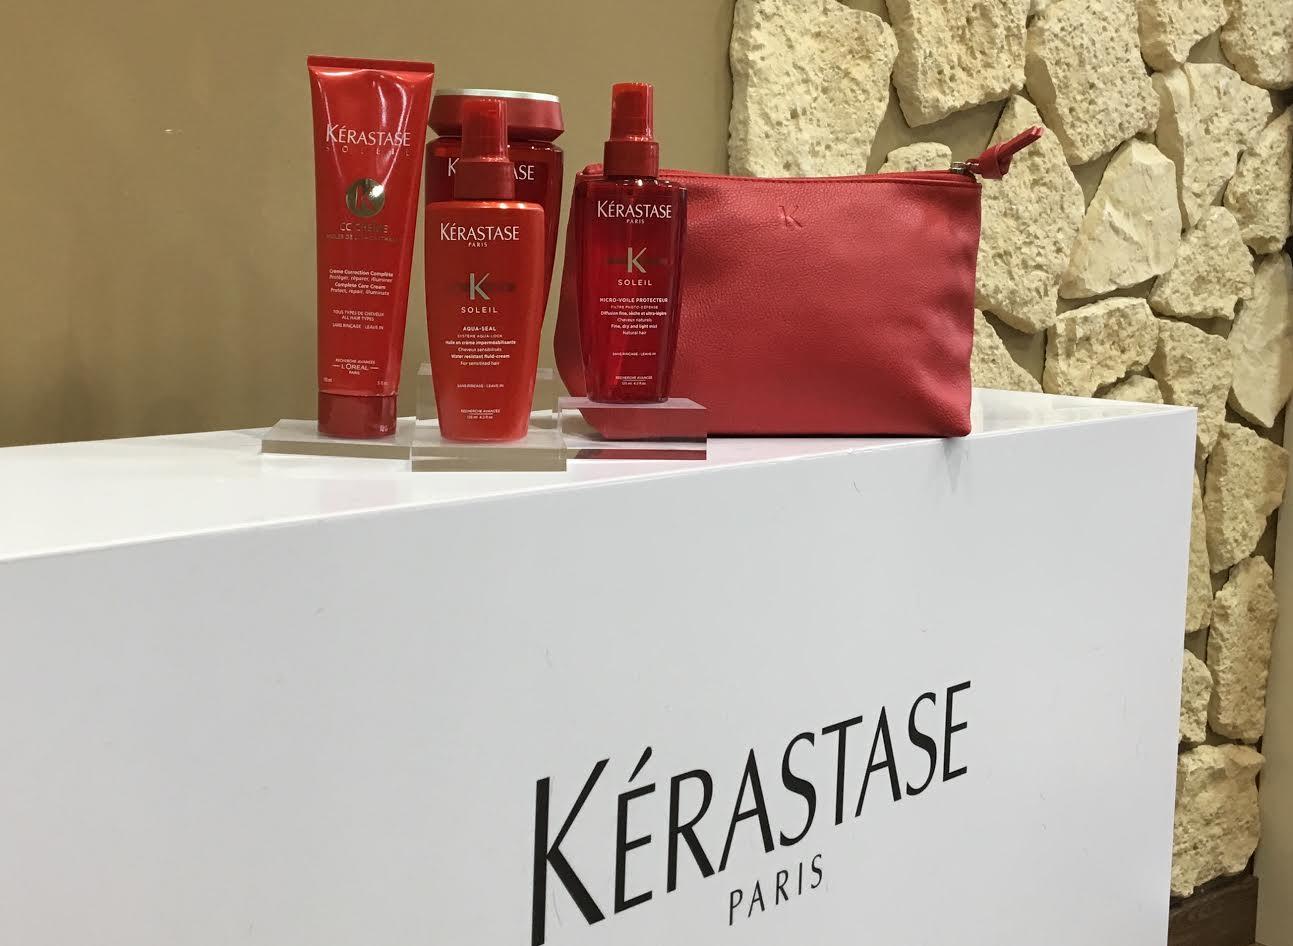 Sacs et Pochette en cadeau chez Attitude coiffure Rueil Malmaison - Achats produits Kérastase